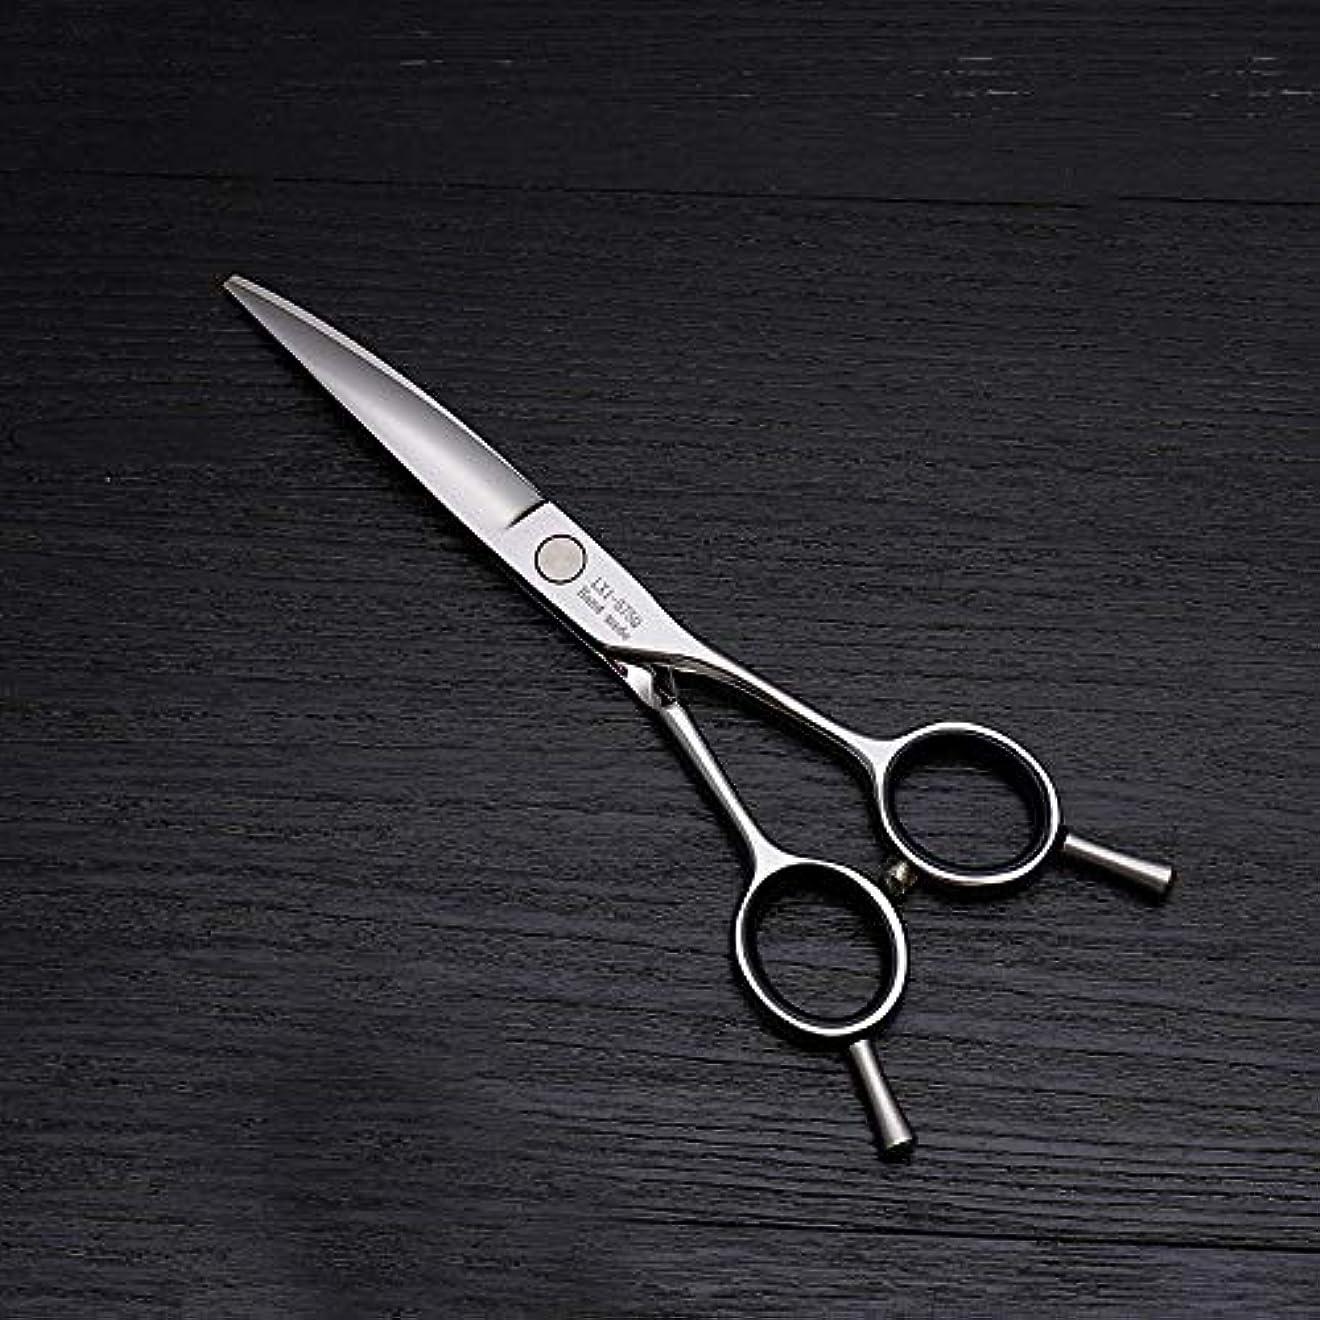 暴露する階層み6インチ美容院プロのヘアカット兼用バリカン、ヘアカットステンレス鋼トリマー モデリングツール (色 : Silver)